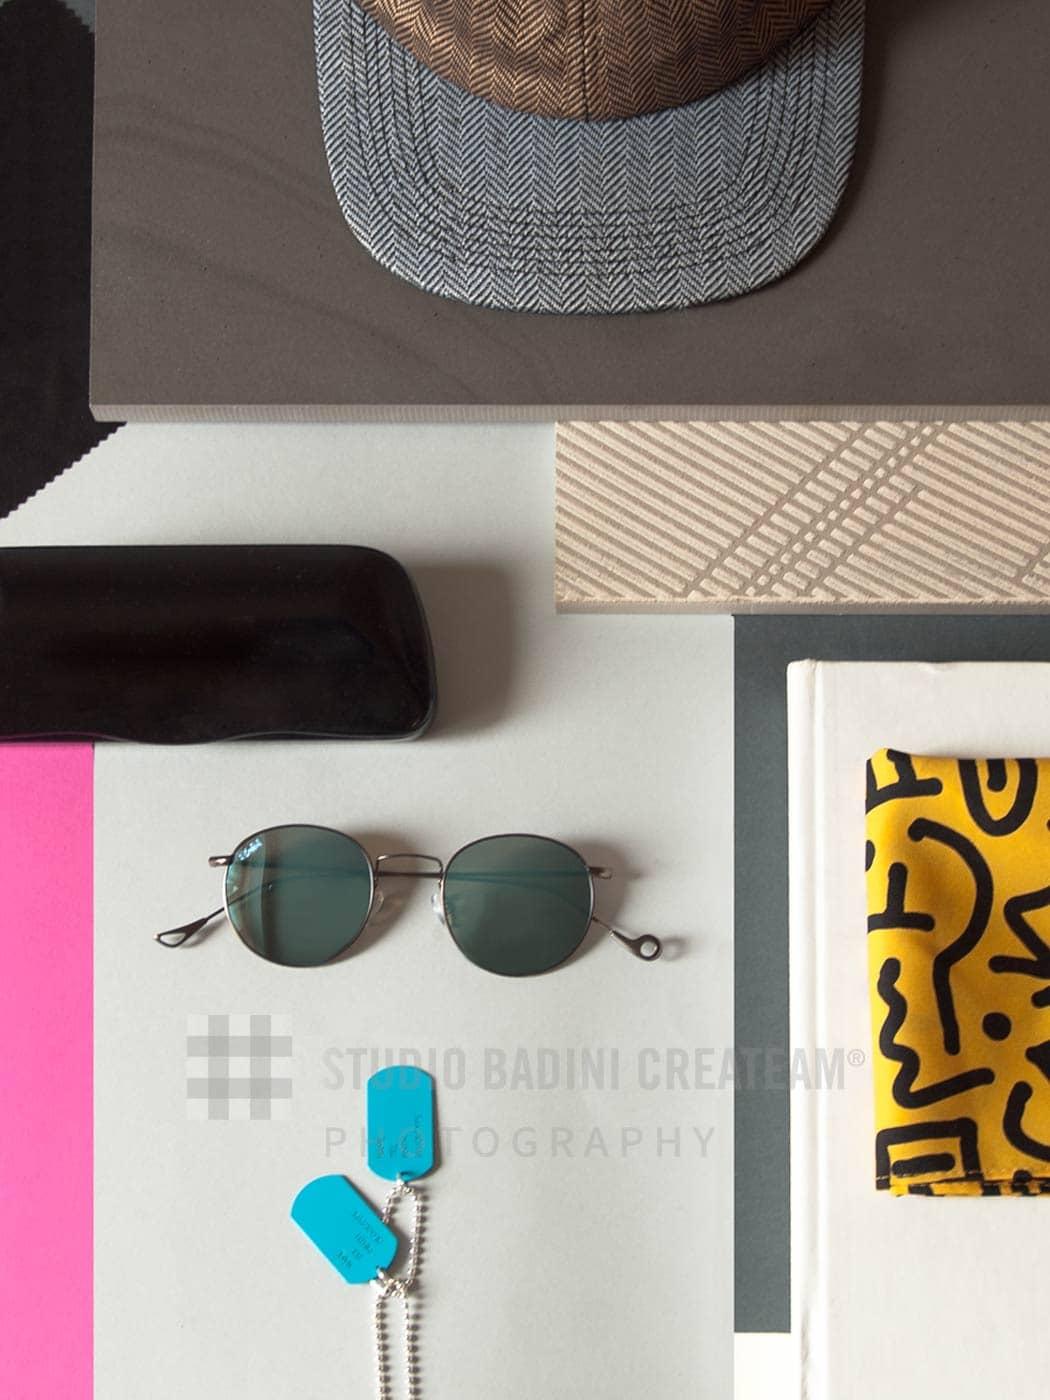 Badini Creative Studio - fotografia - 4all occhiali